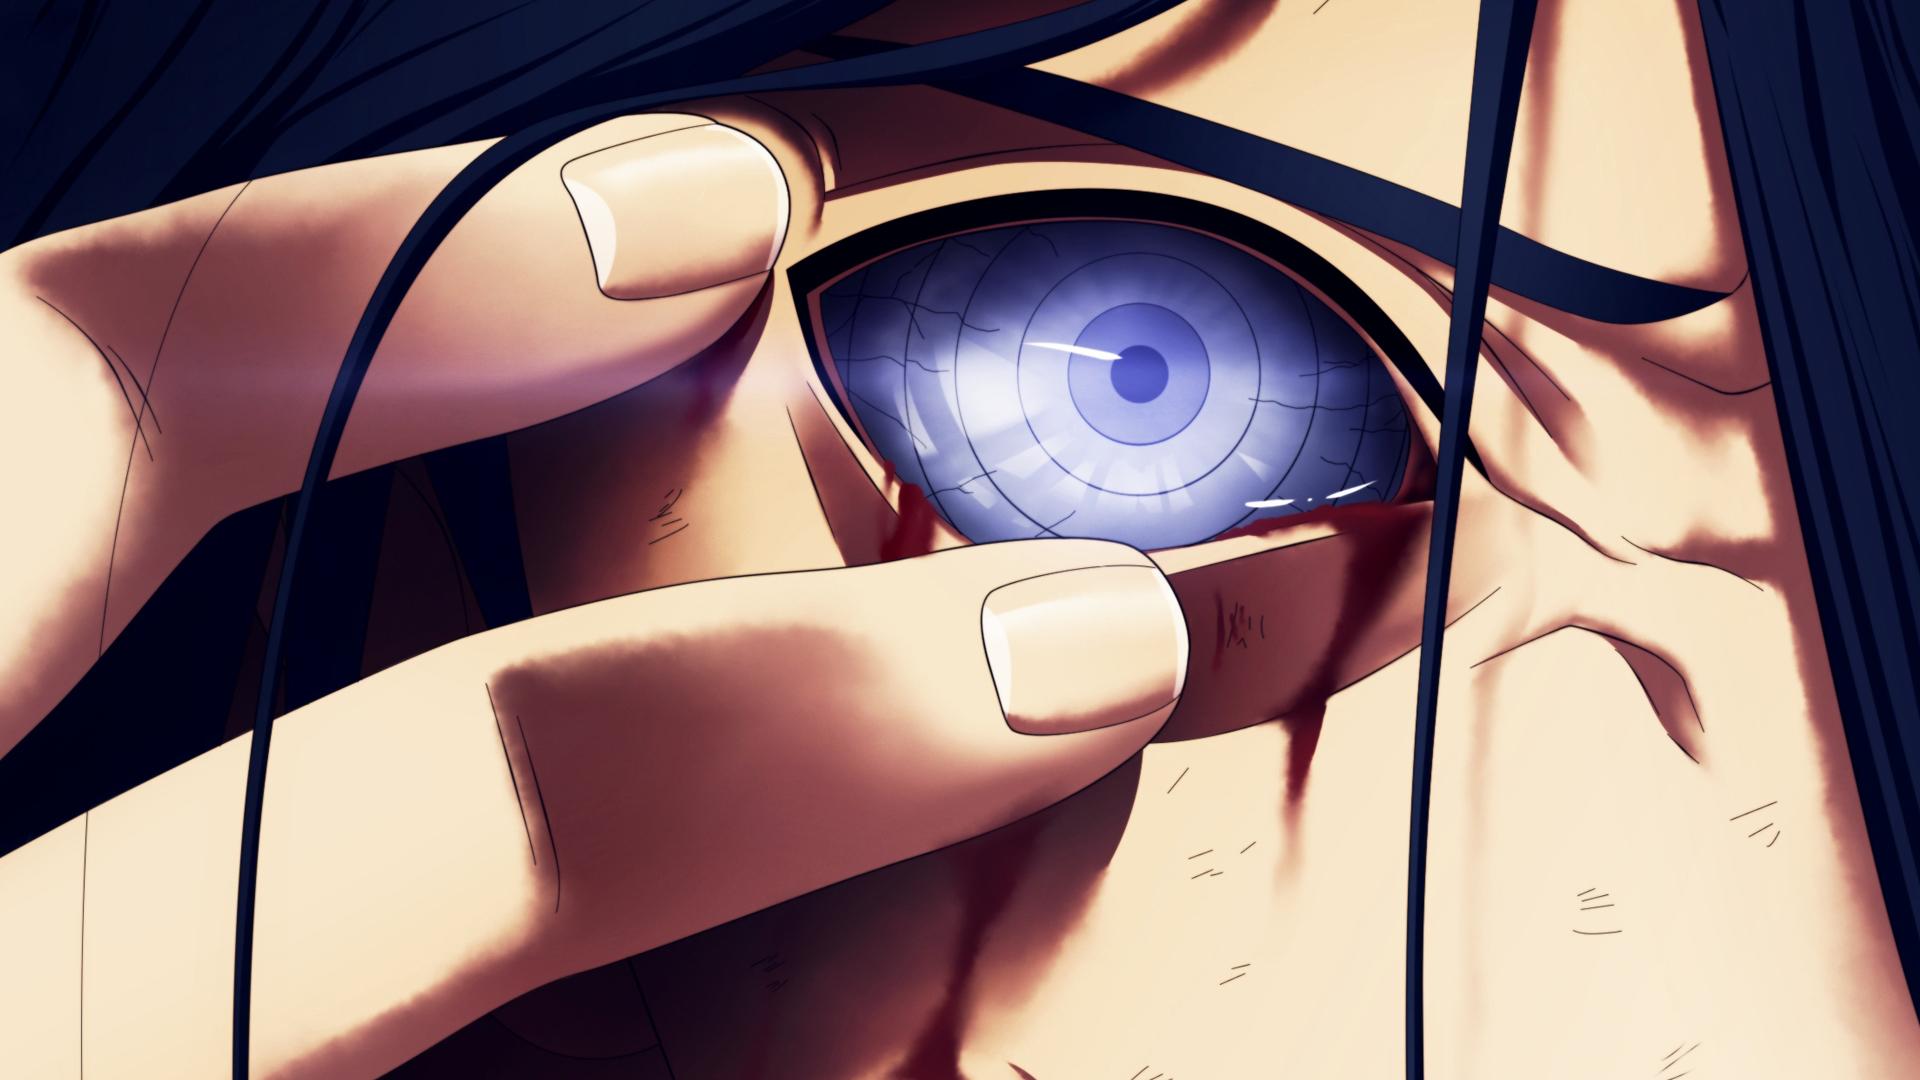 madara uchiha rinnegan eye anime hd 1920x1080 1080p wallpaper and 1920x1080